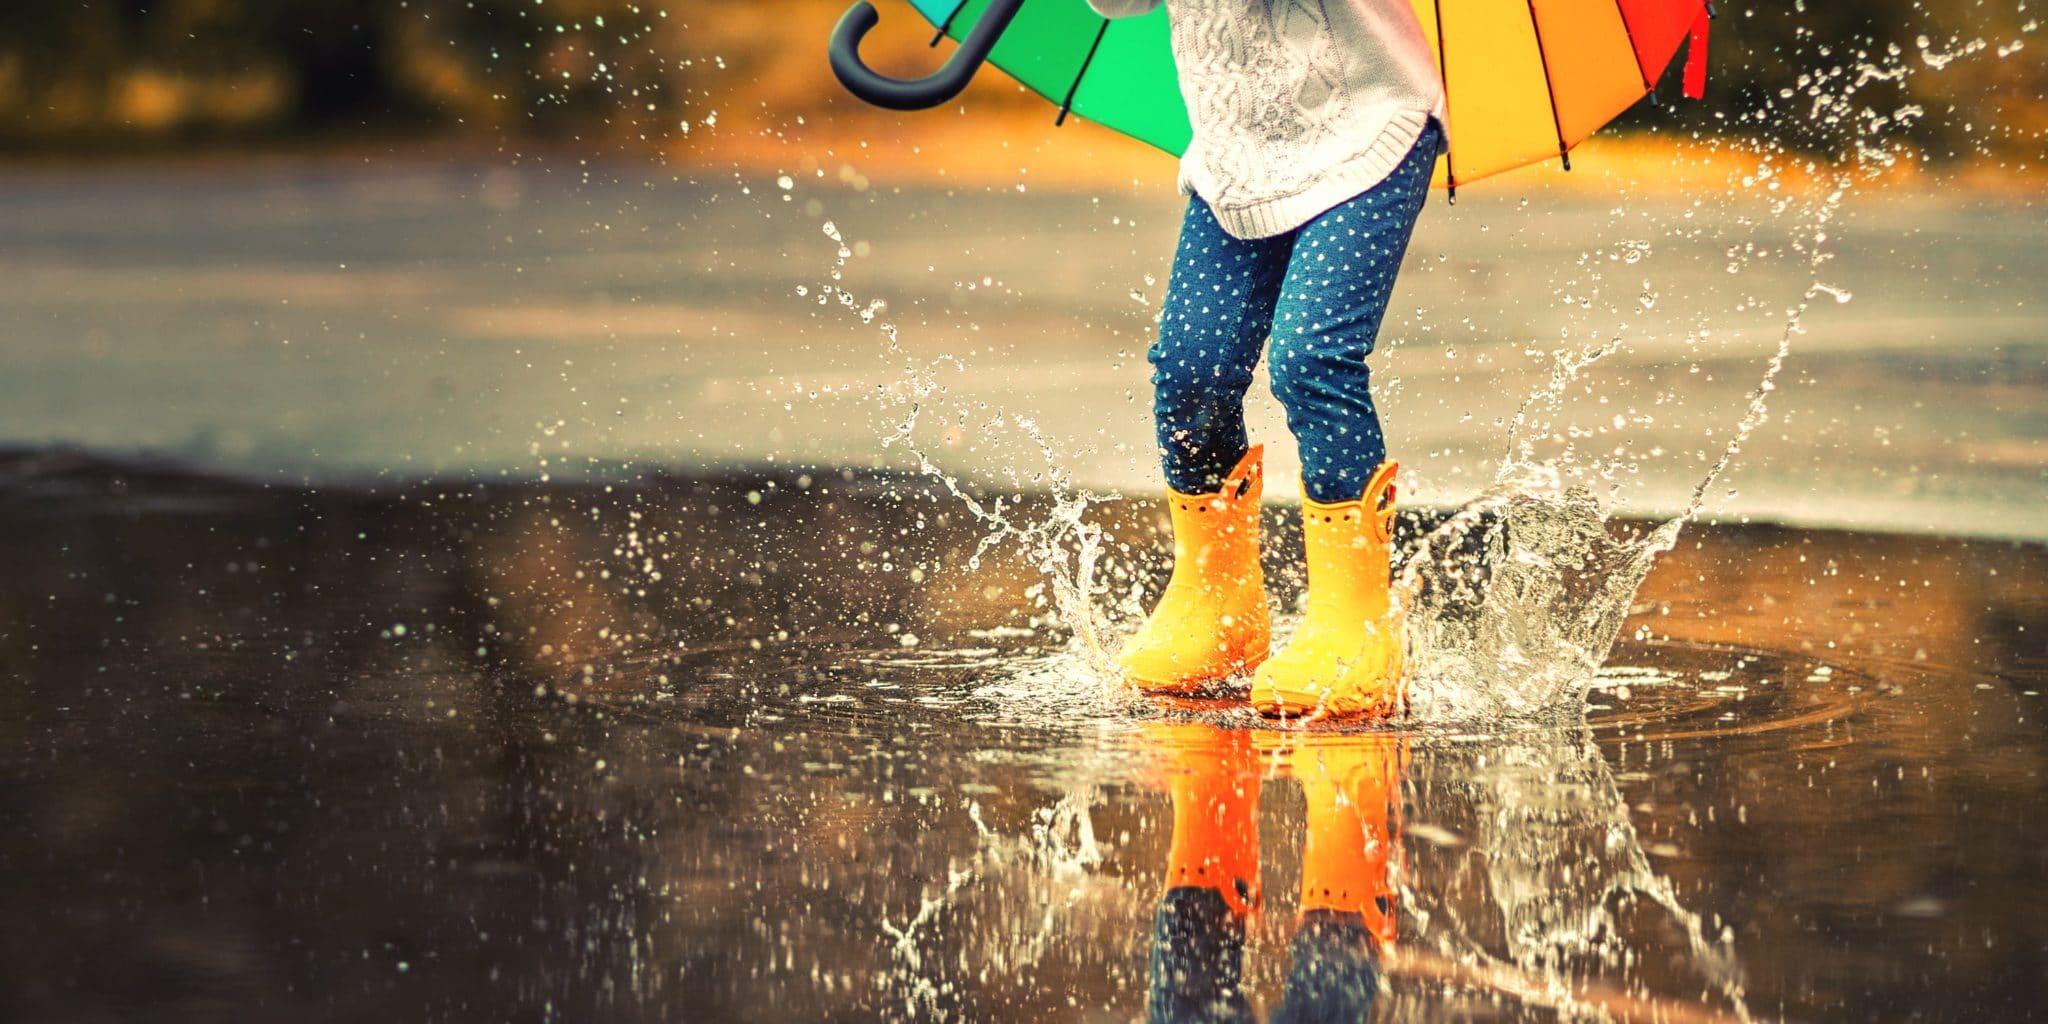 Enfant avec un parapluie qui saut dans une flaque d'eau